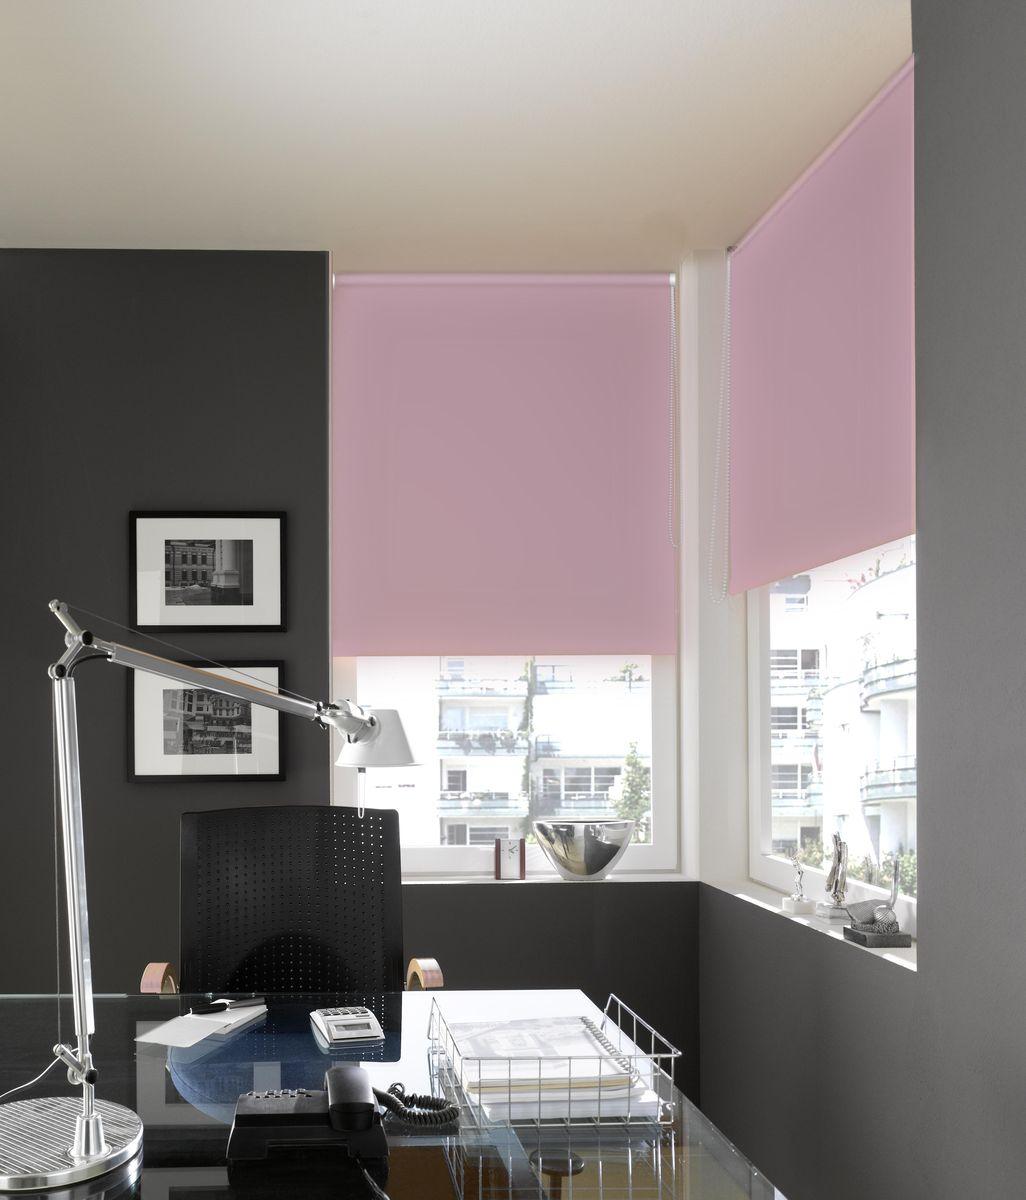 Штора рулонная Эскар Миниролло. Blackout, светонепроницаемая, цвет: розовый кварц, ширина 73 см, высота 170 см34933073170Рулонными шторами Эскар Миниролло. Blackout можно оформлять окна как самостоятельно, так и использовать в комбинации с портьерами. Это поможет предотвратить выгорание дорогой ткани на солнце и соединит функционал рулонных с красотой навесных. Преимущества применения рулонных штор для пластиковых окон: - имеют прекрасный внешний вид: многообразие и фактурность материала изделия отлично смотрятся в любом интерьере;- многофункциональны: есть возможность подобрать шторы способные эффективно защитить комнату от солнца, при этом она не будет слишком темной;- есть возможность осуществить быстрый монтаж.ВНИМАНИЕ! Размеры ширины изделия указаны по ширине ткани! Во время эксплуатации не рекомендуется полностью разматывать рулон, чтобы не оторвать ткань от намоточного вала. В случае загрязнения поверхности ткани, чистку шторы проводят одним из способов, в зависимости от типа загрязнения:легкое поверхностное загрязнение можно удалить при помощи канцелярского ластика;чистка от пыли производится сухим методом при помощи пылесоса с мягкой щеткой-насадкой;для удаления пятна используйте мягкую губку с пенообразующим неагрессивным моющим средством или пятновыводитель на натуральной основе (нельзя применять растворители).